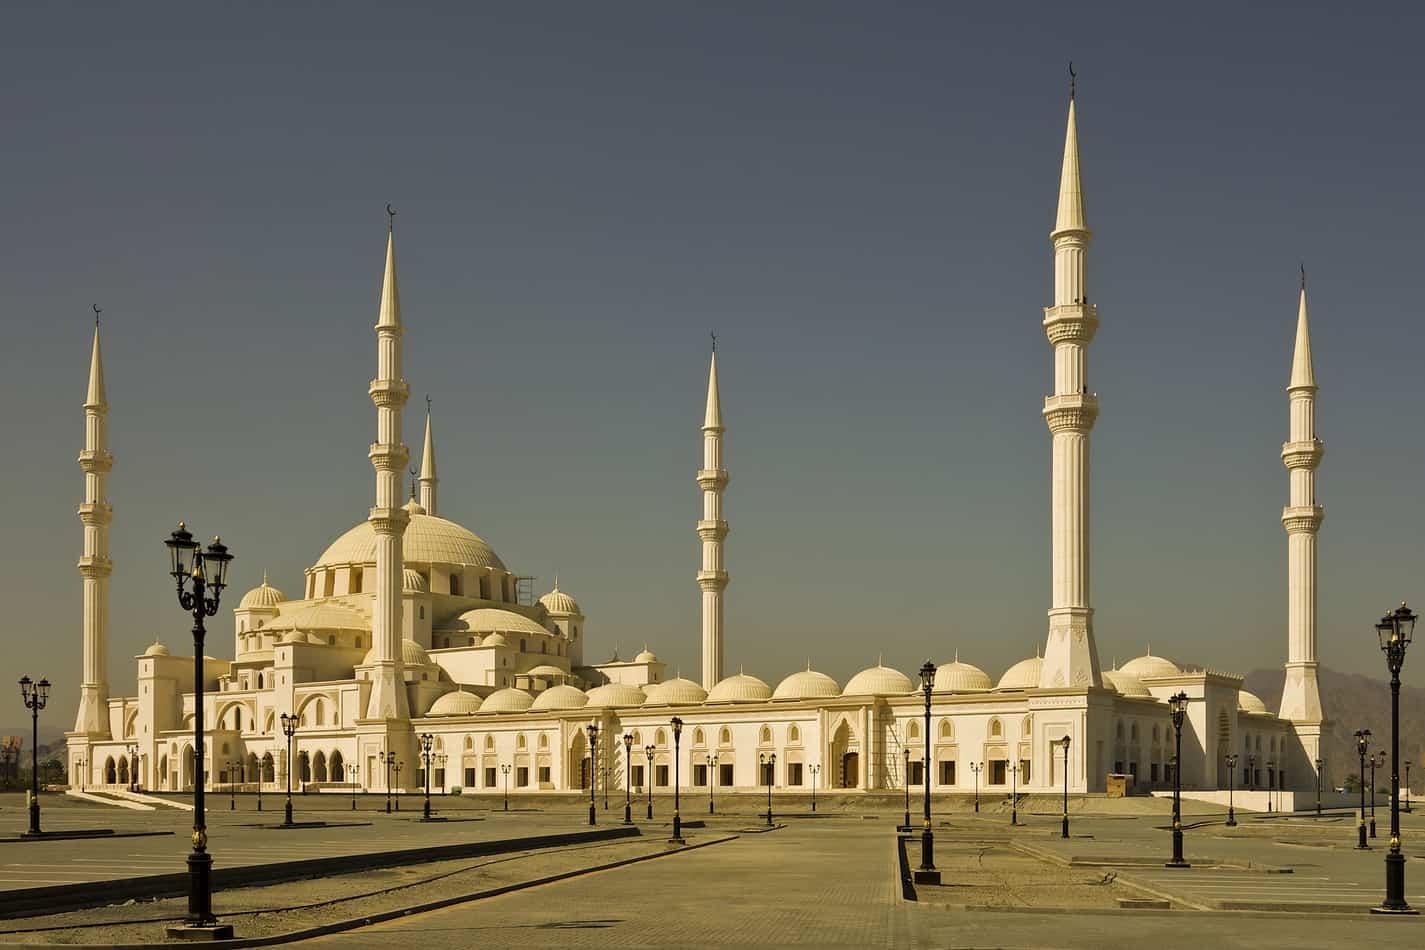 Oil rich UAE